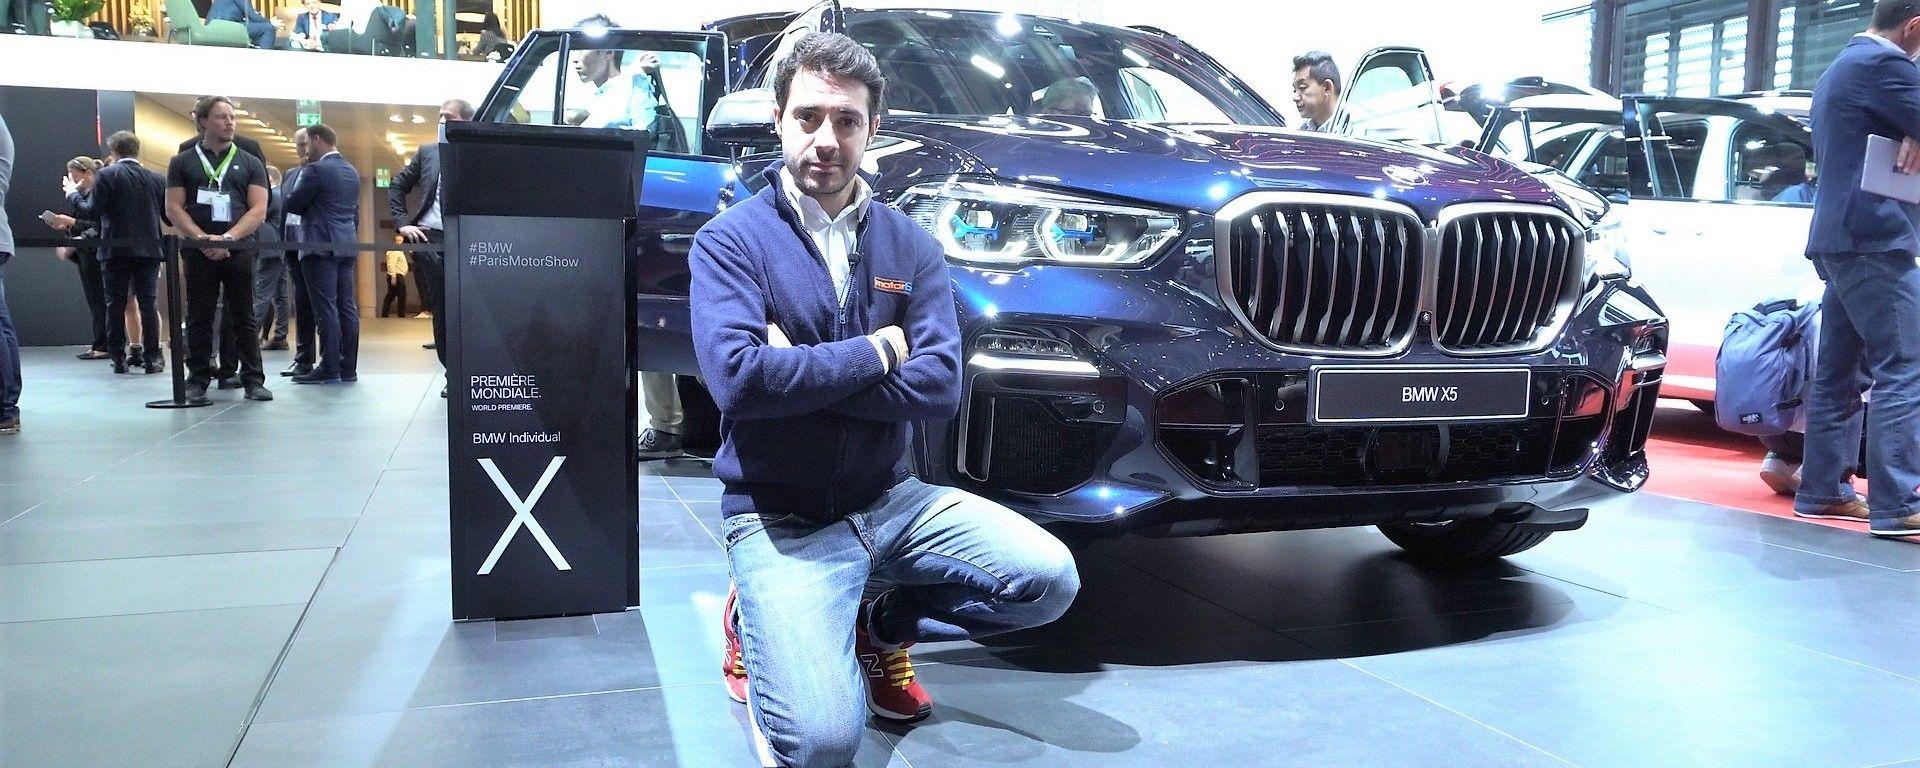 Nuova BMW X5 2018: in video dal salone di Parigi 2018